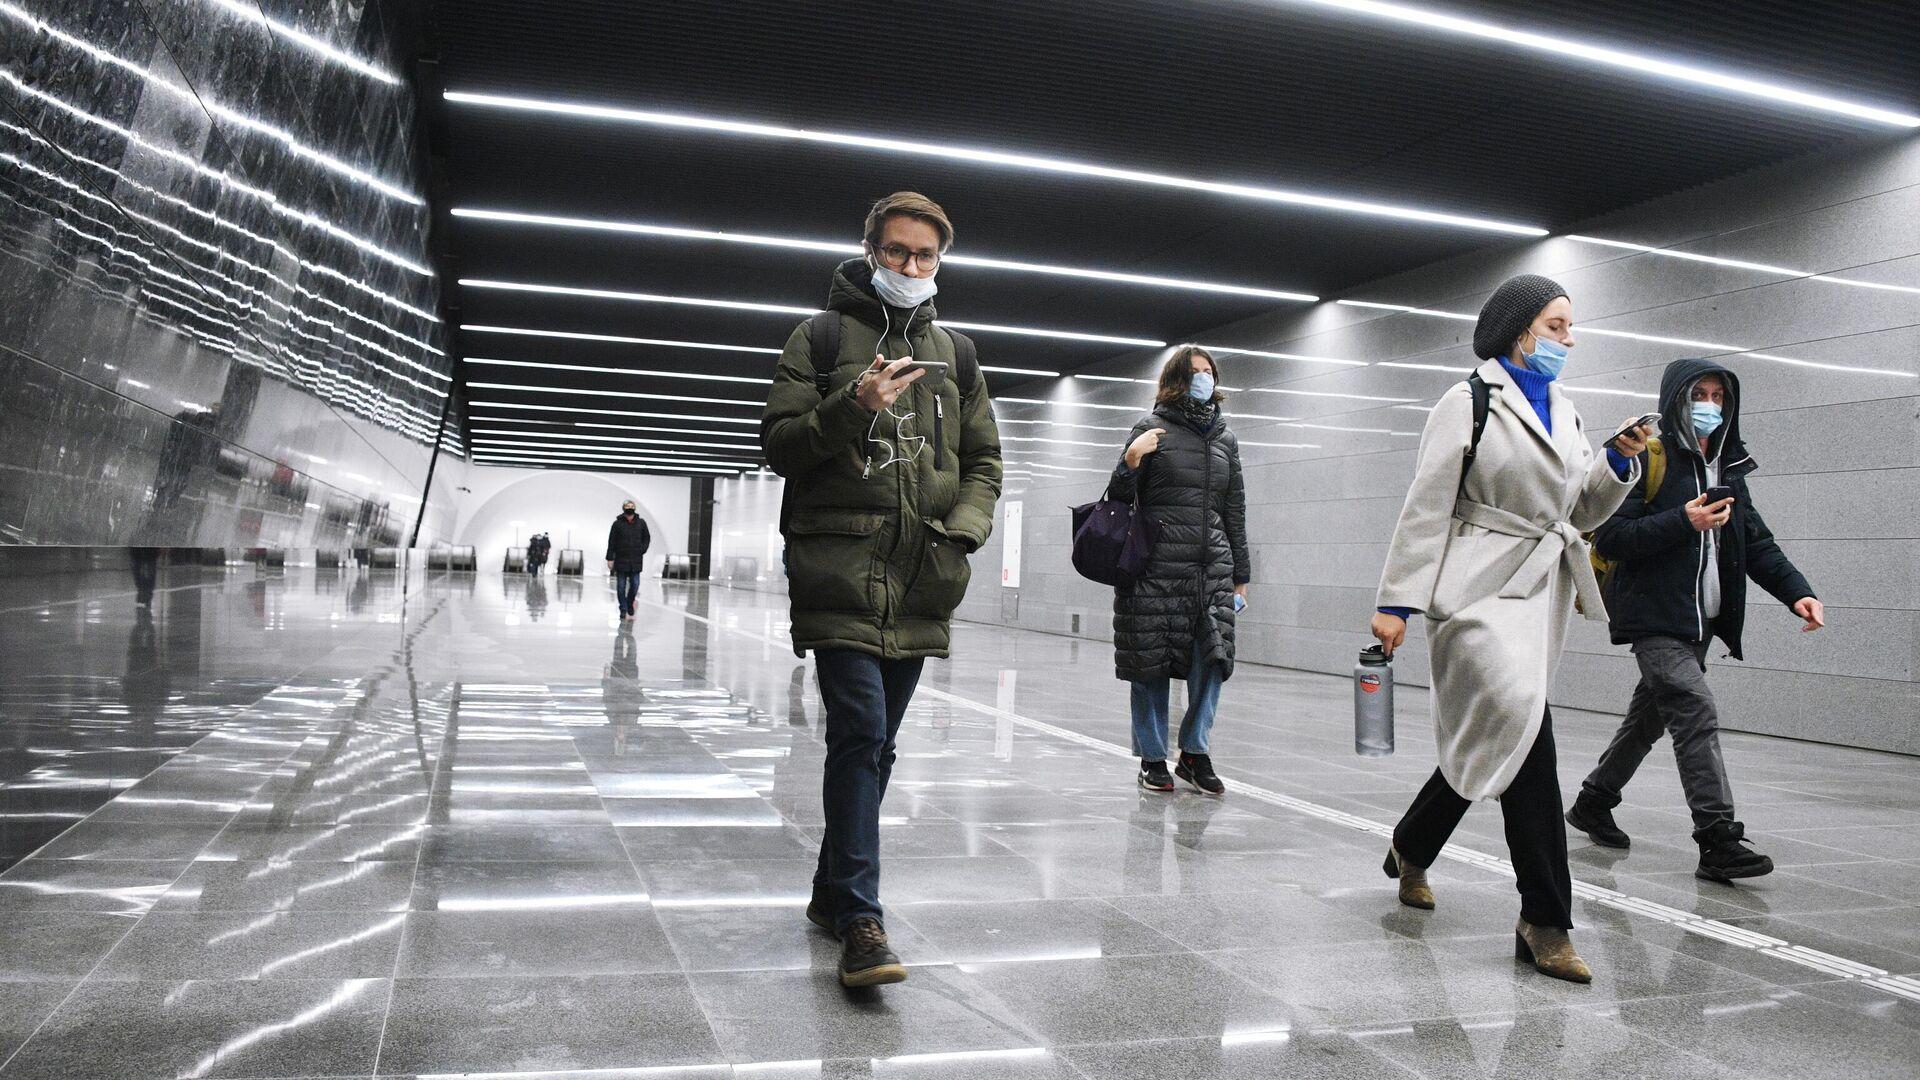 Люди в подземном пешеходном переходе  - РИА Новости, 1920, 19.02.2021